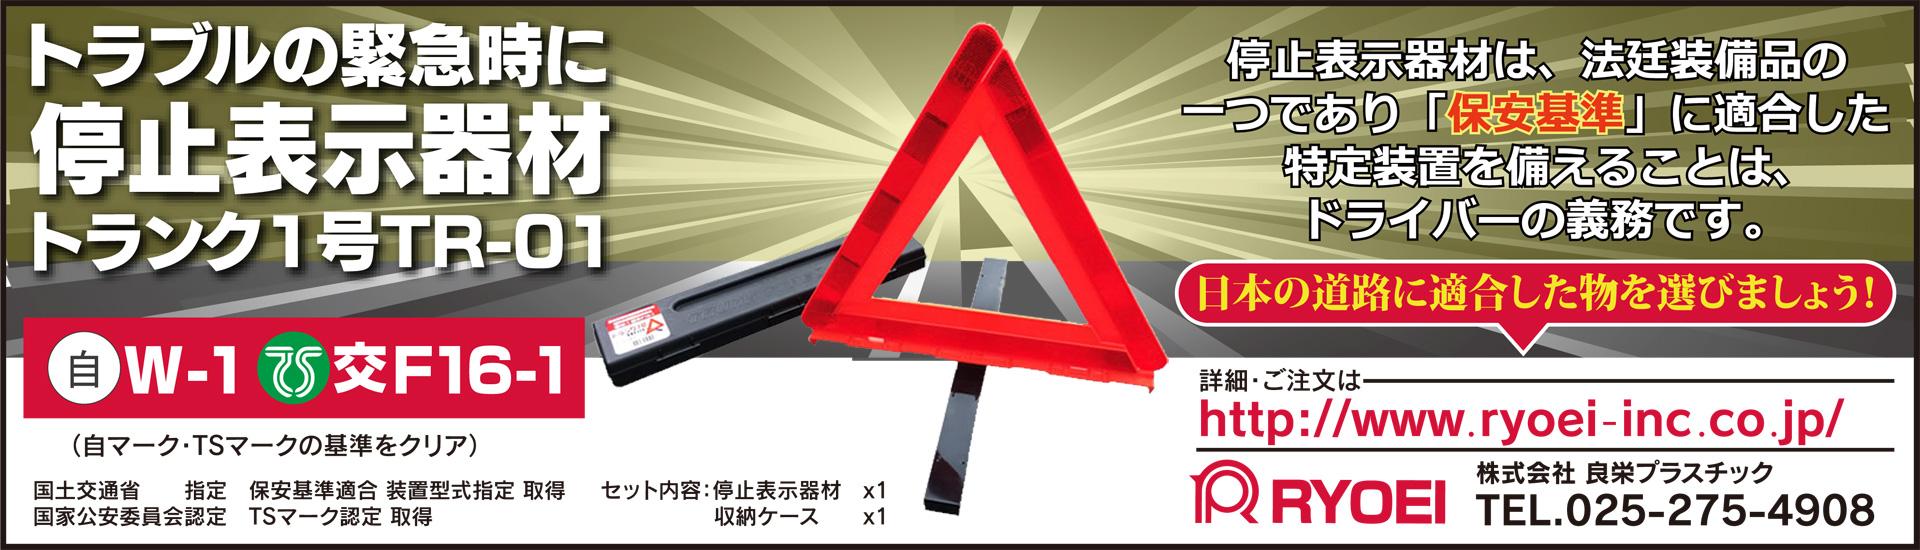 三角停止板(停止表示板・警告反射板)RYOEI トランク1号 TR-01